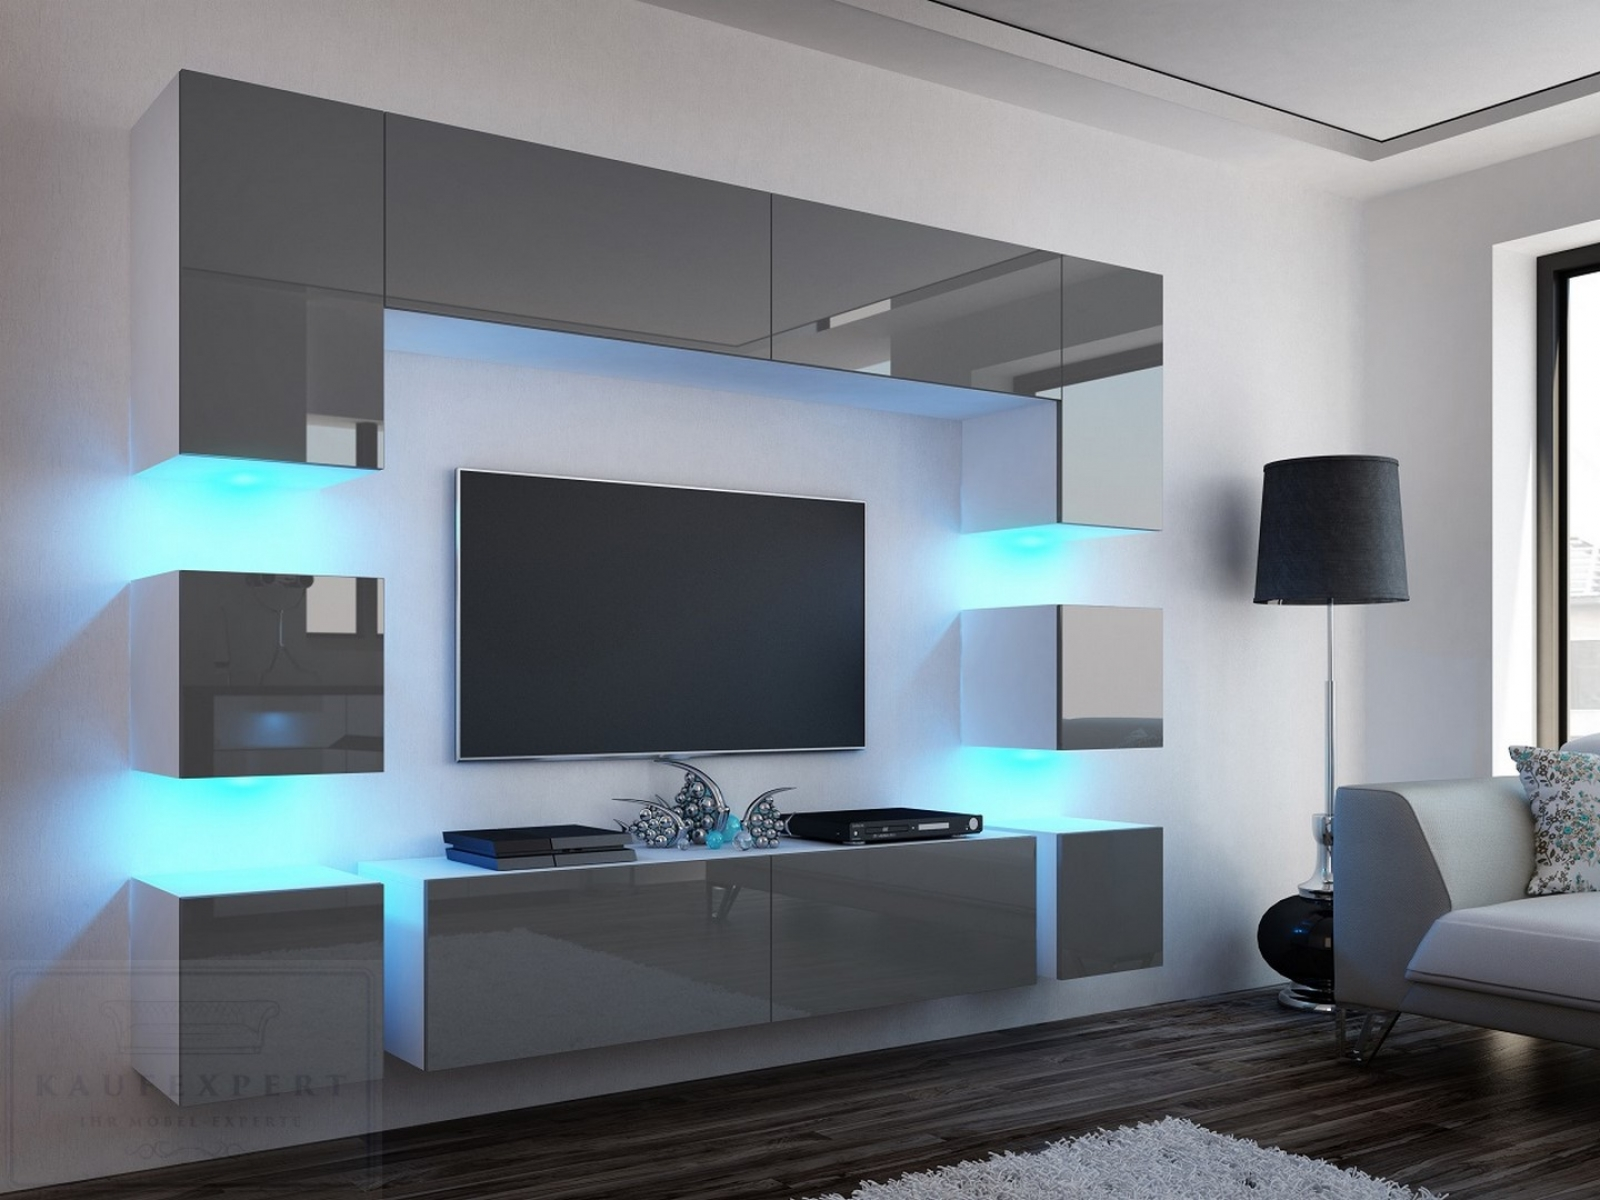 Wohnwand Quadro Grau Hochglanz Weiss 228 Cm Mediawand Medienwand Design Modern Led Beleuchtung Mdf Hochglanz Hangewand Hangeschrank Tv Wand